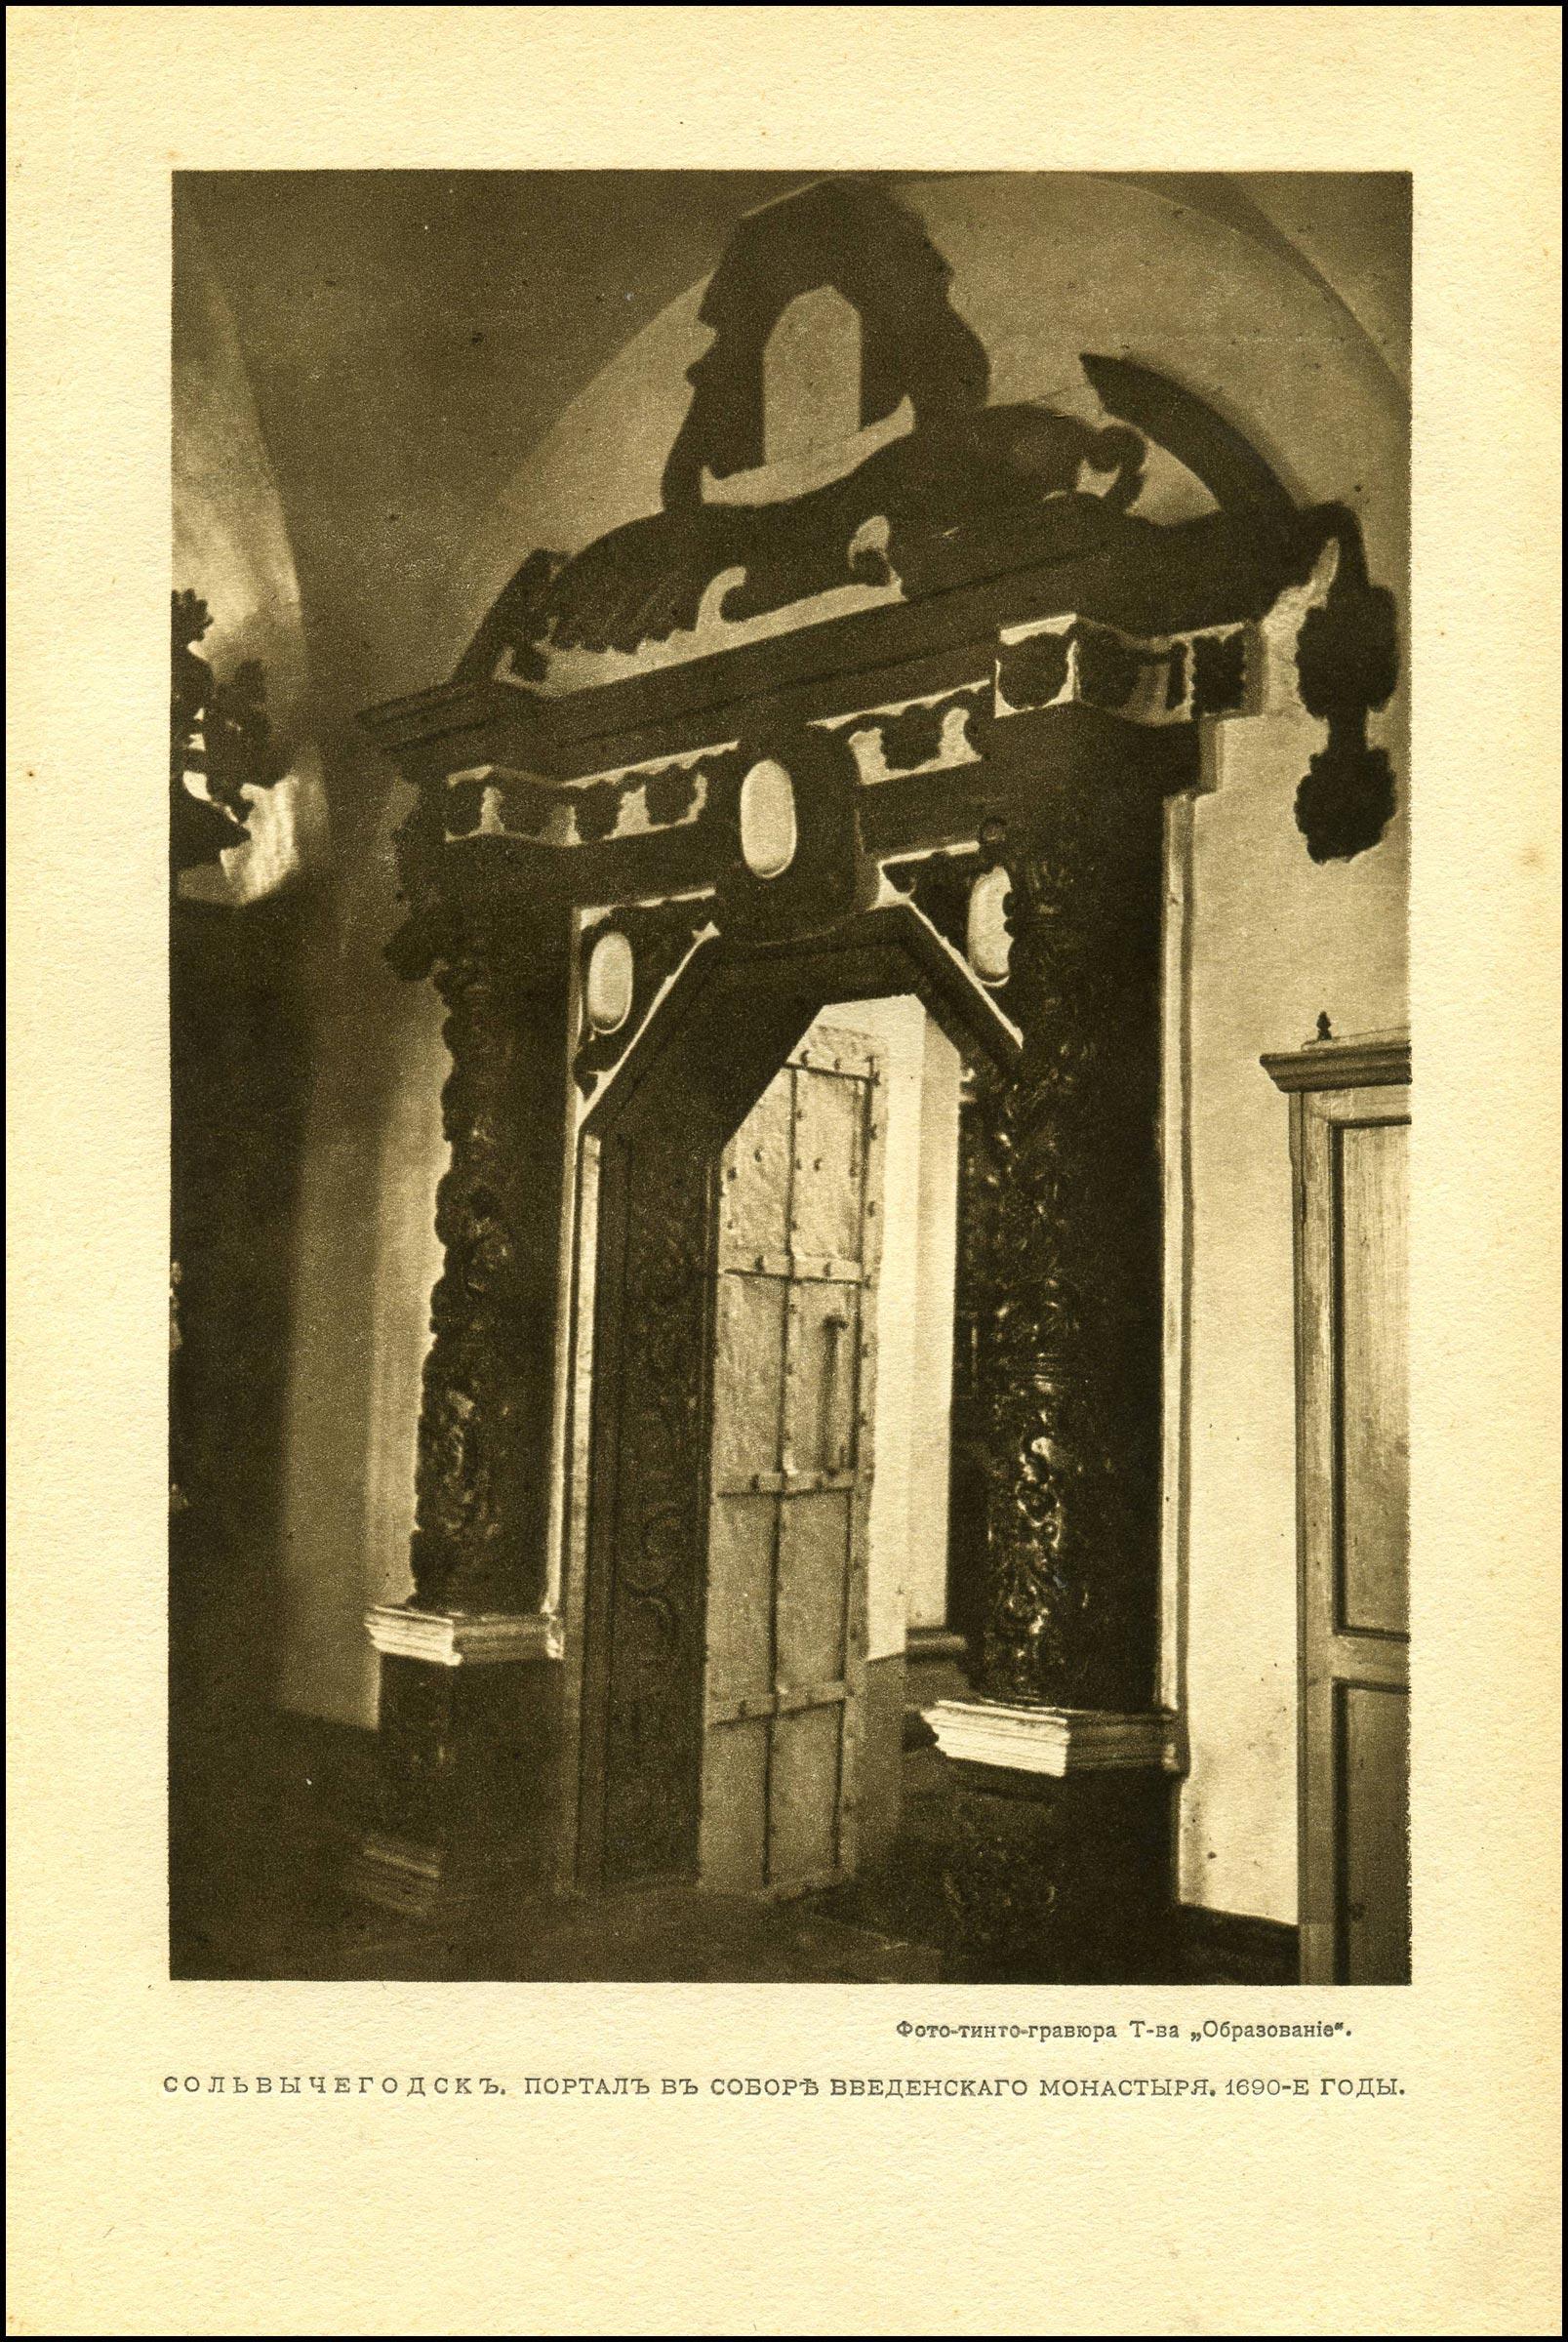 Портал в соборе Введенского монастыря